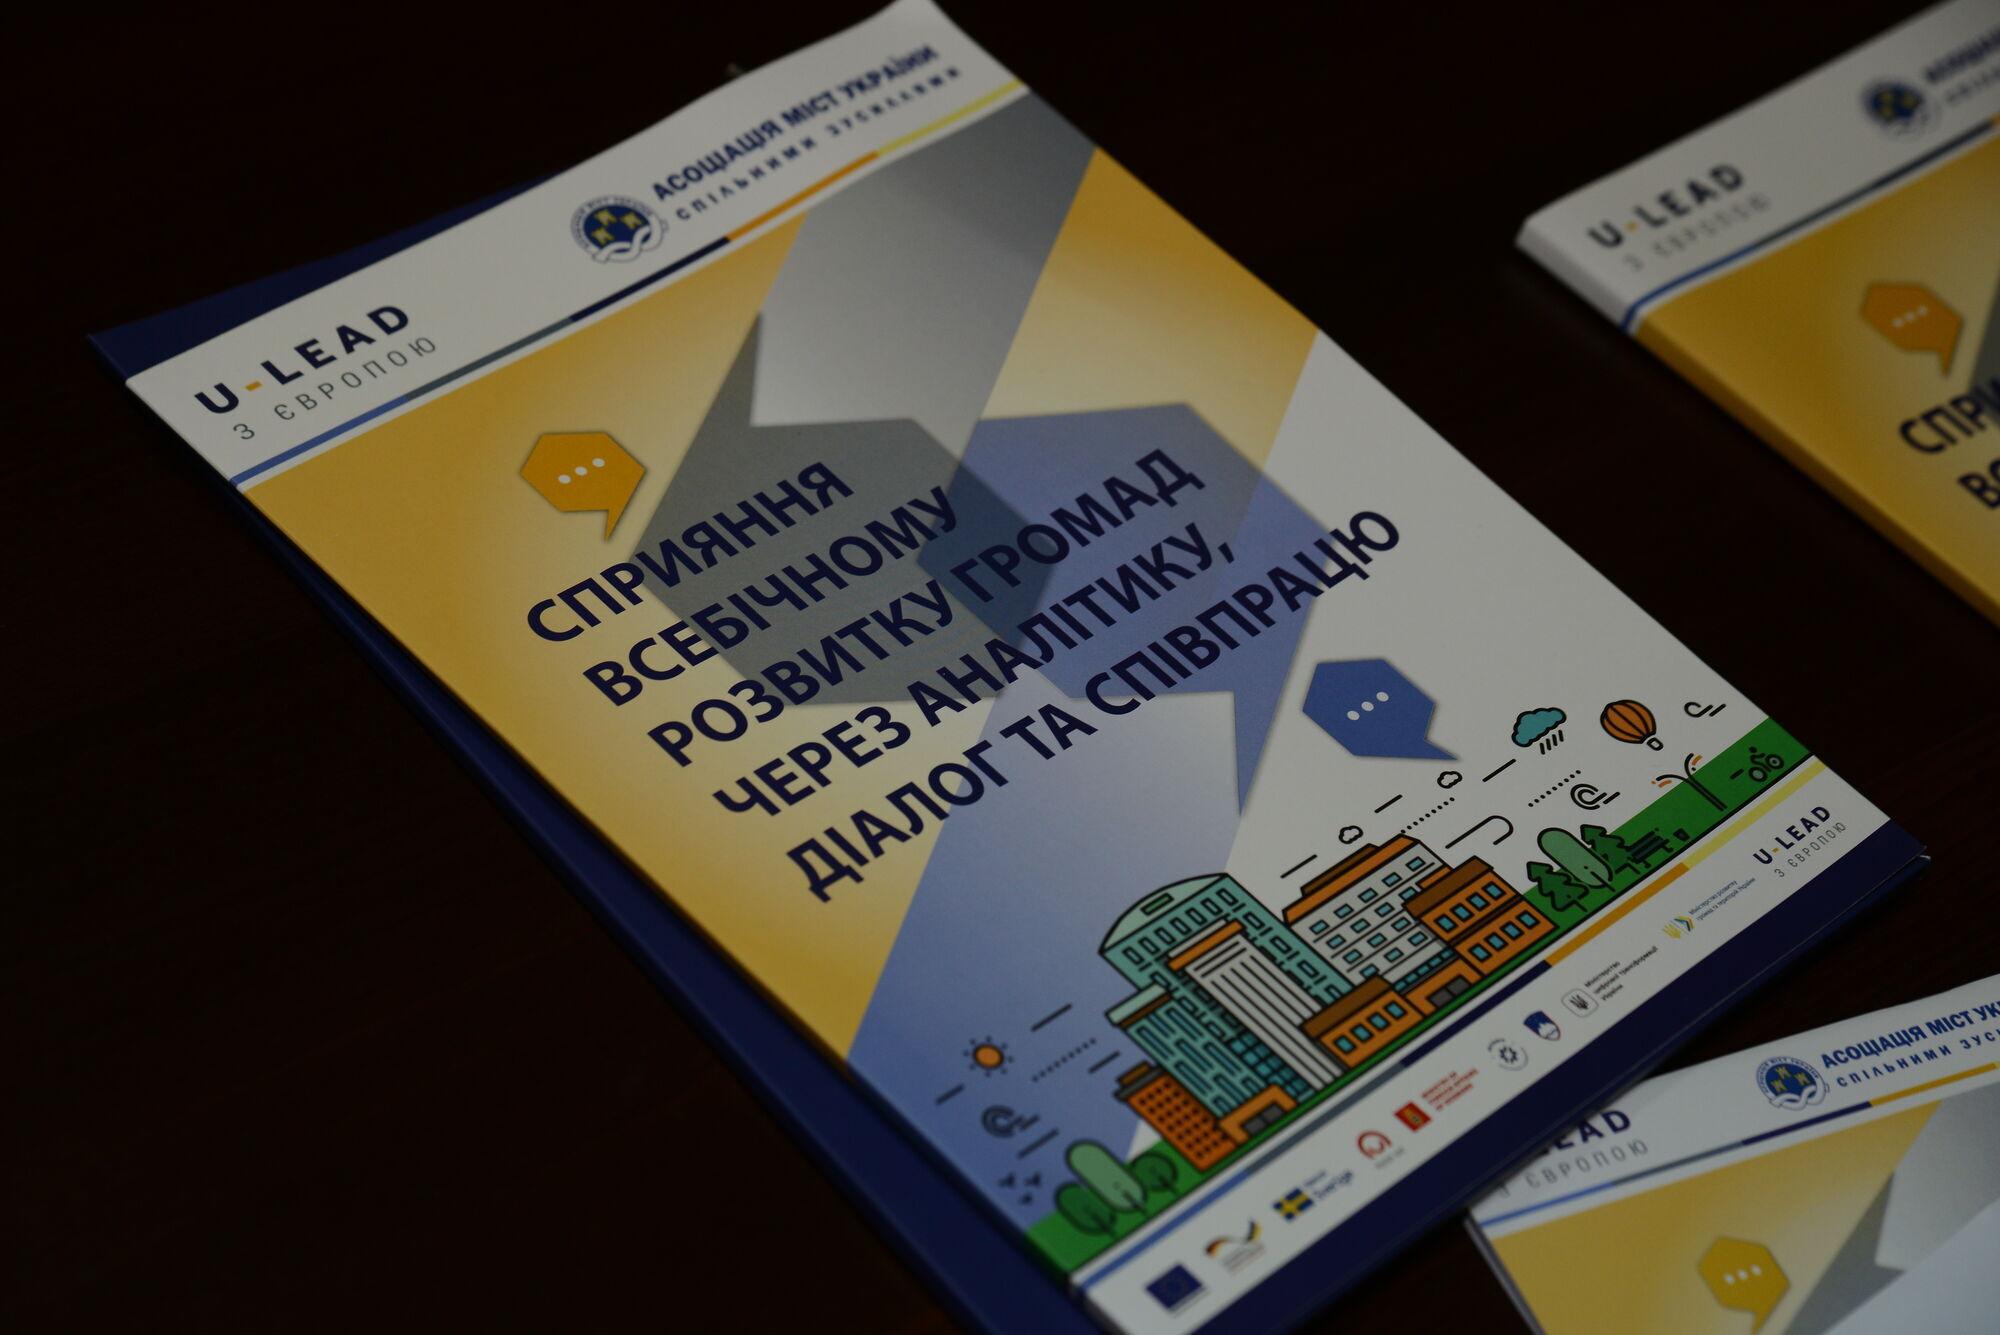 """Проєкт """"Сприяння всебічному розвитку громад через аналітику, діалог та співпрацю"""""""